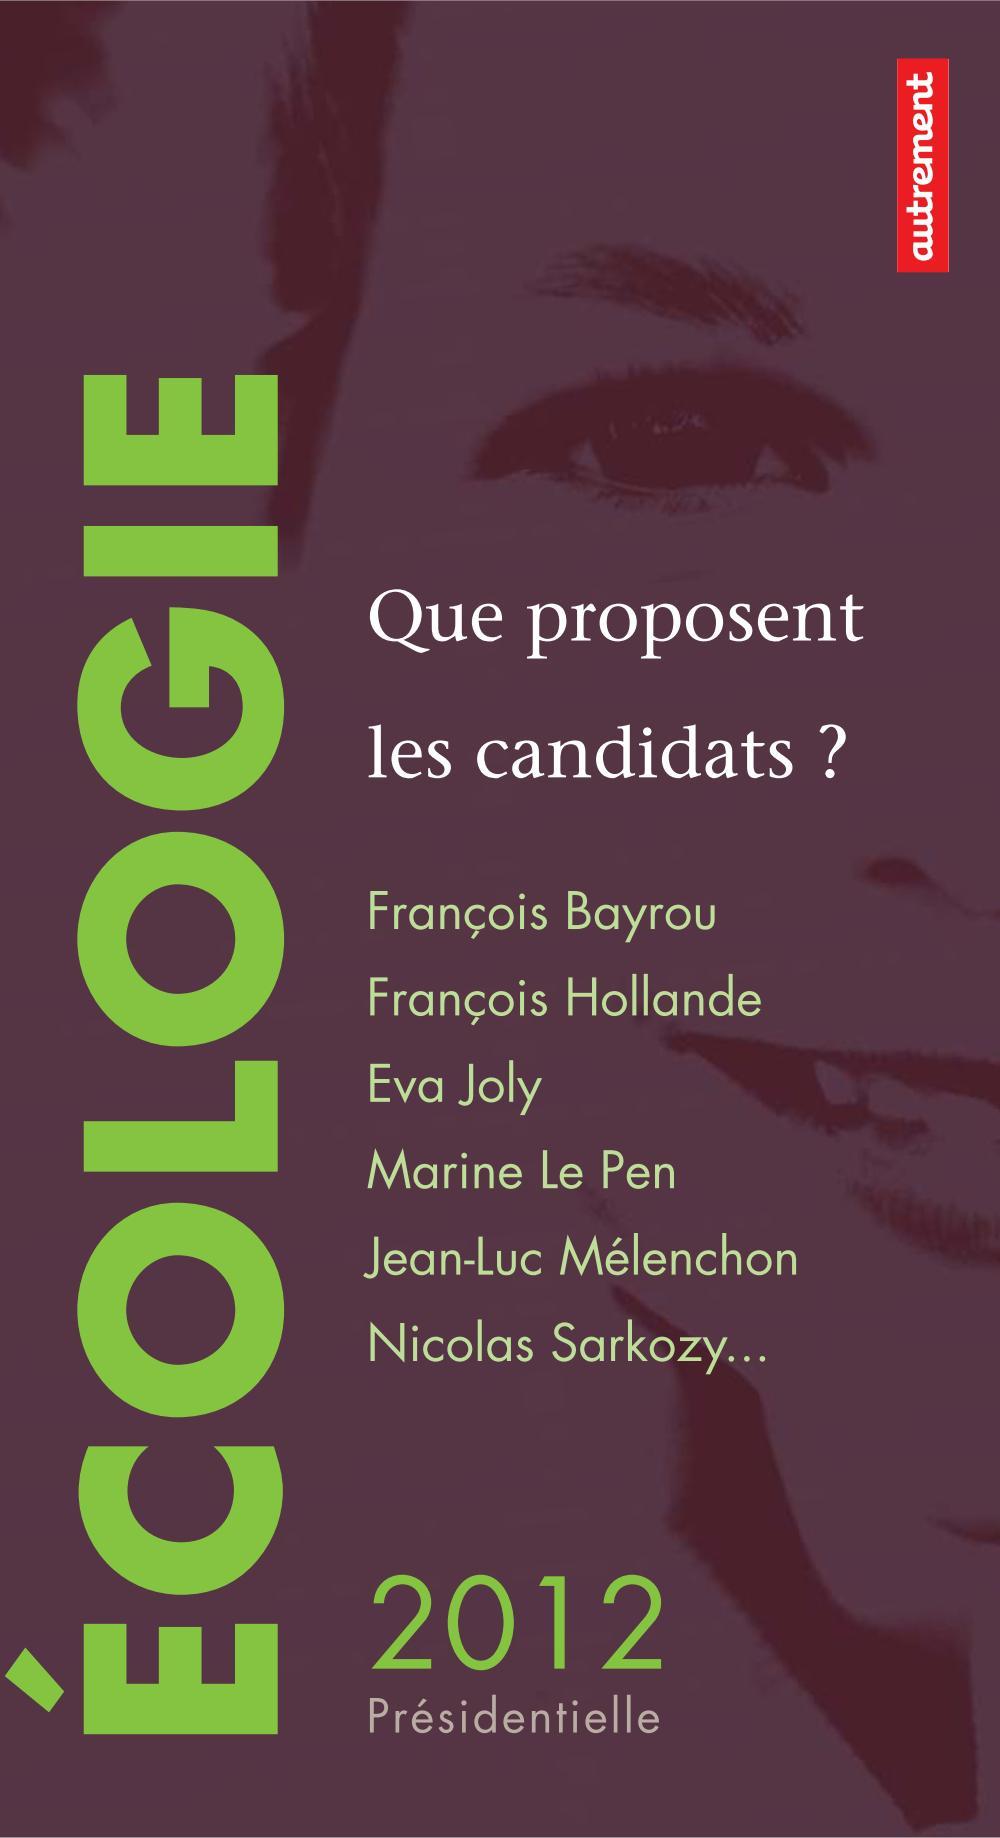 Écologie : que proposent les candidats ?, FRANÇOIS BAYROU, FRANÇOIS HOLLANDE, EVA JOLY, MARINE LE PEN, JEAN-LUC MÉLENCHON, NICOLAS SARKOZY...